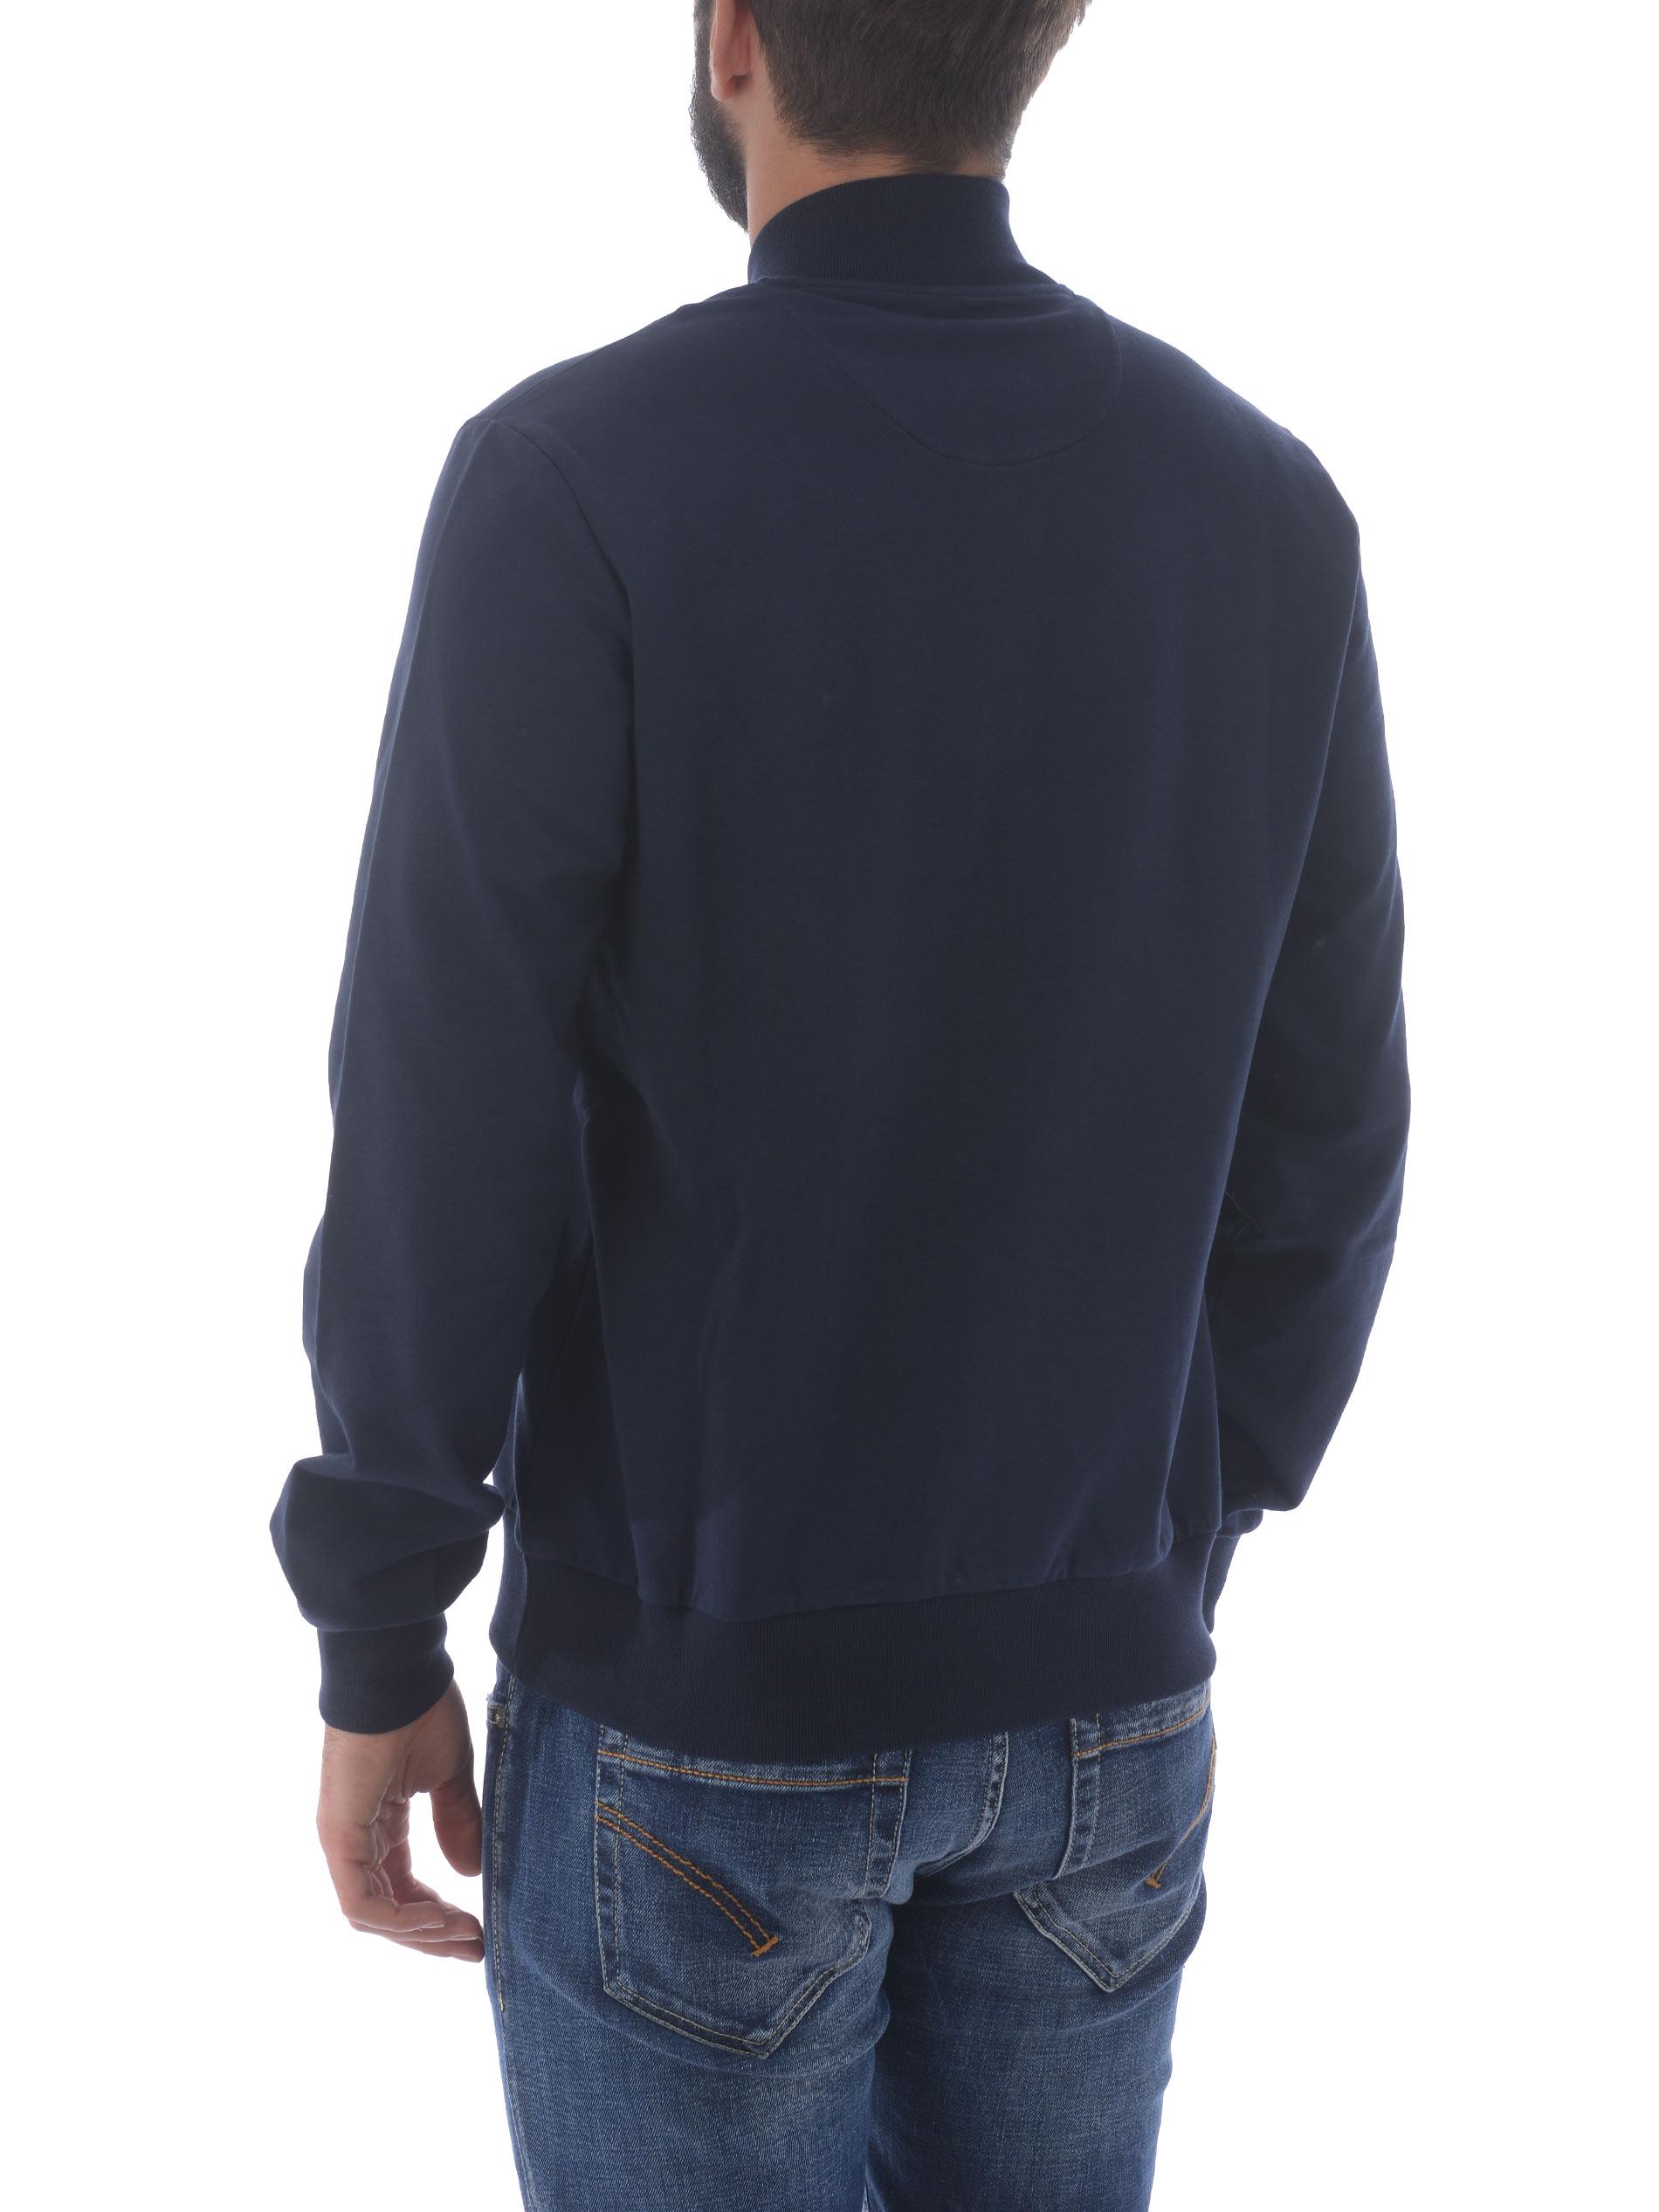 Etro sweatshirt in stretch cotton ETRO | 10000005 | 1Y4429774-200